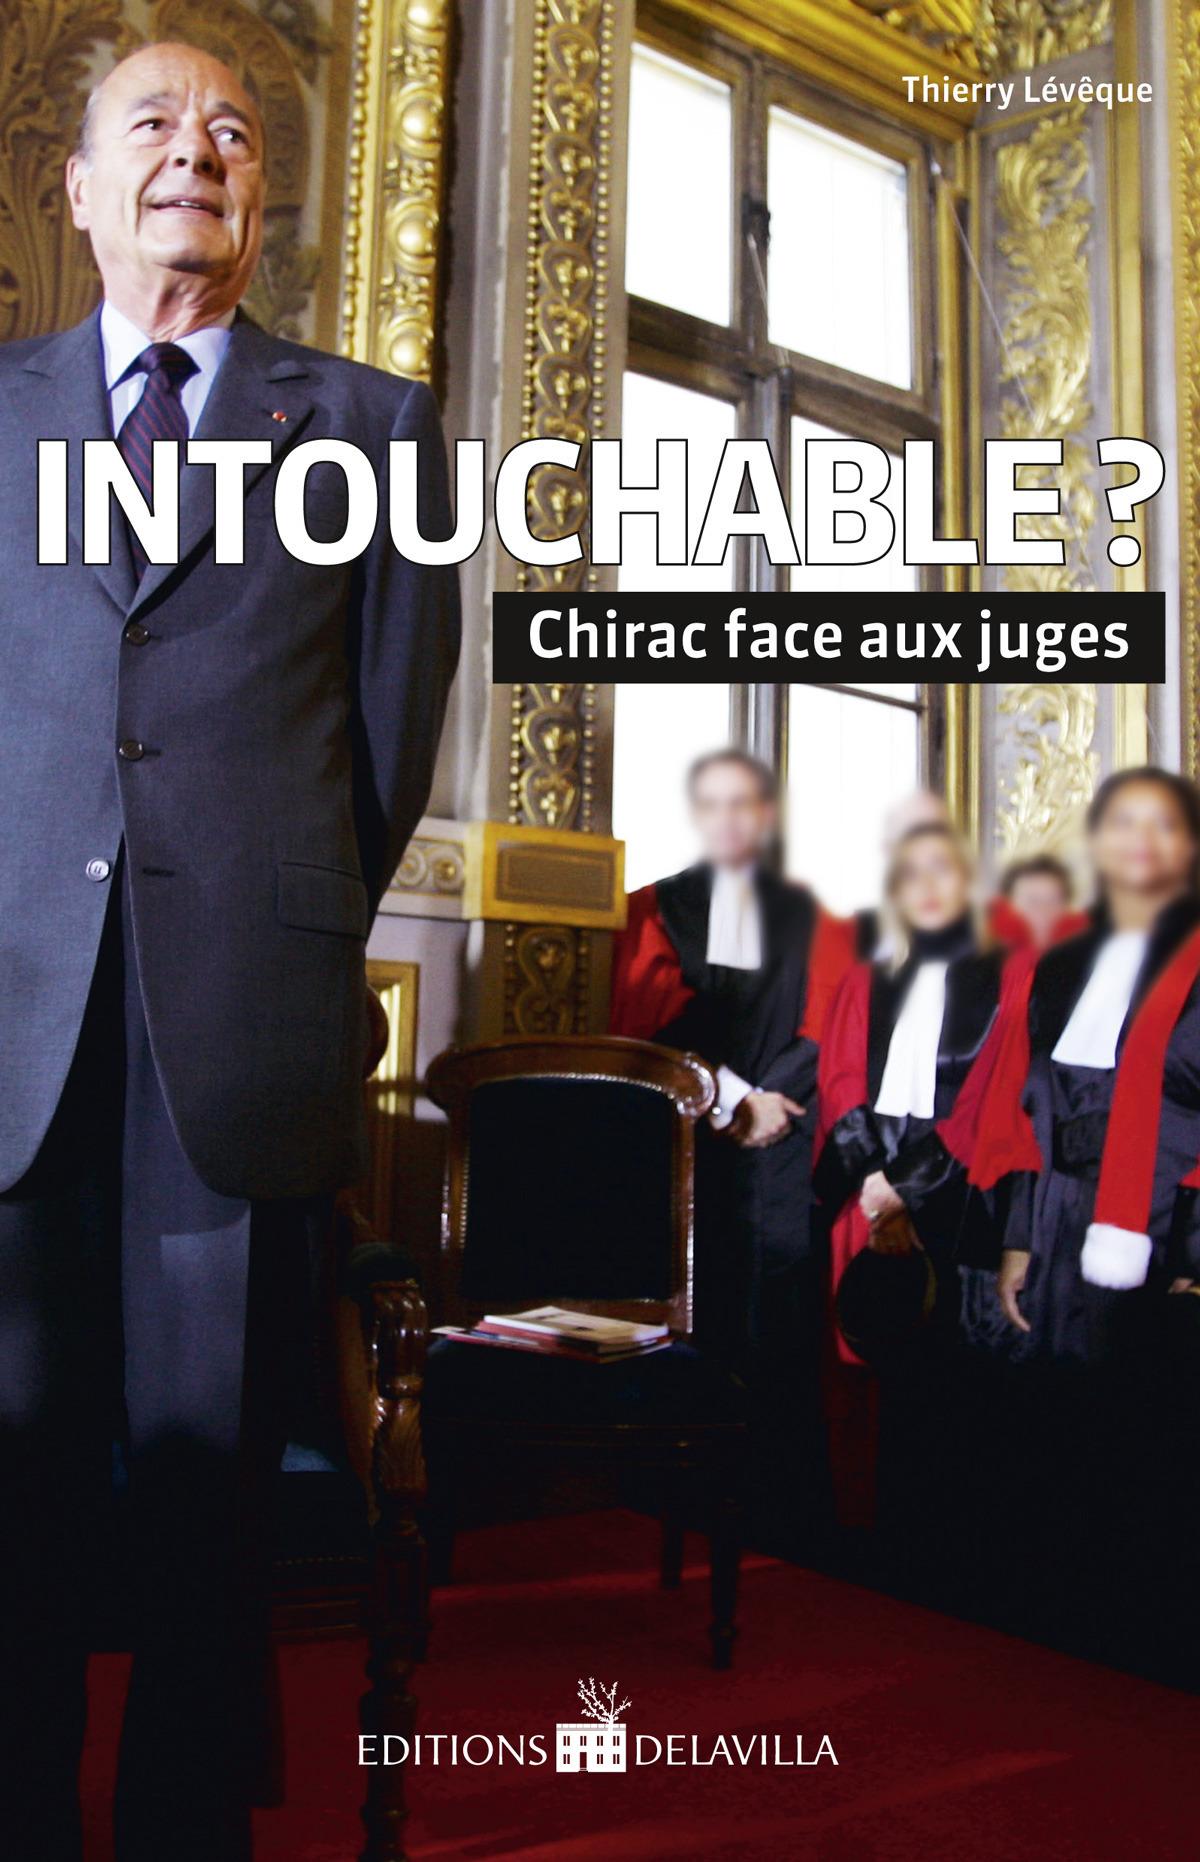 Thierry Leveque Intouchable ? Chirac face aux juges